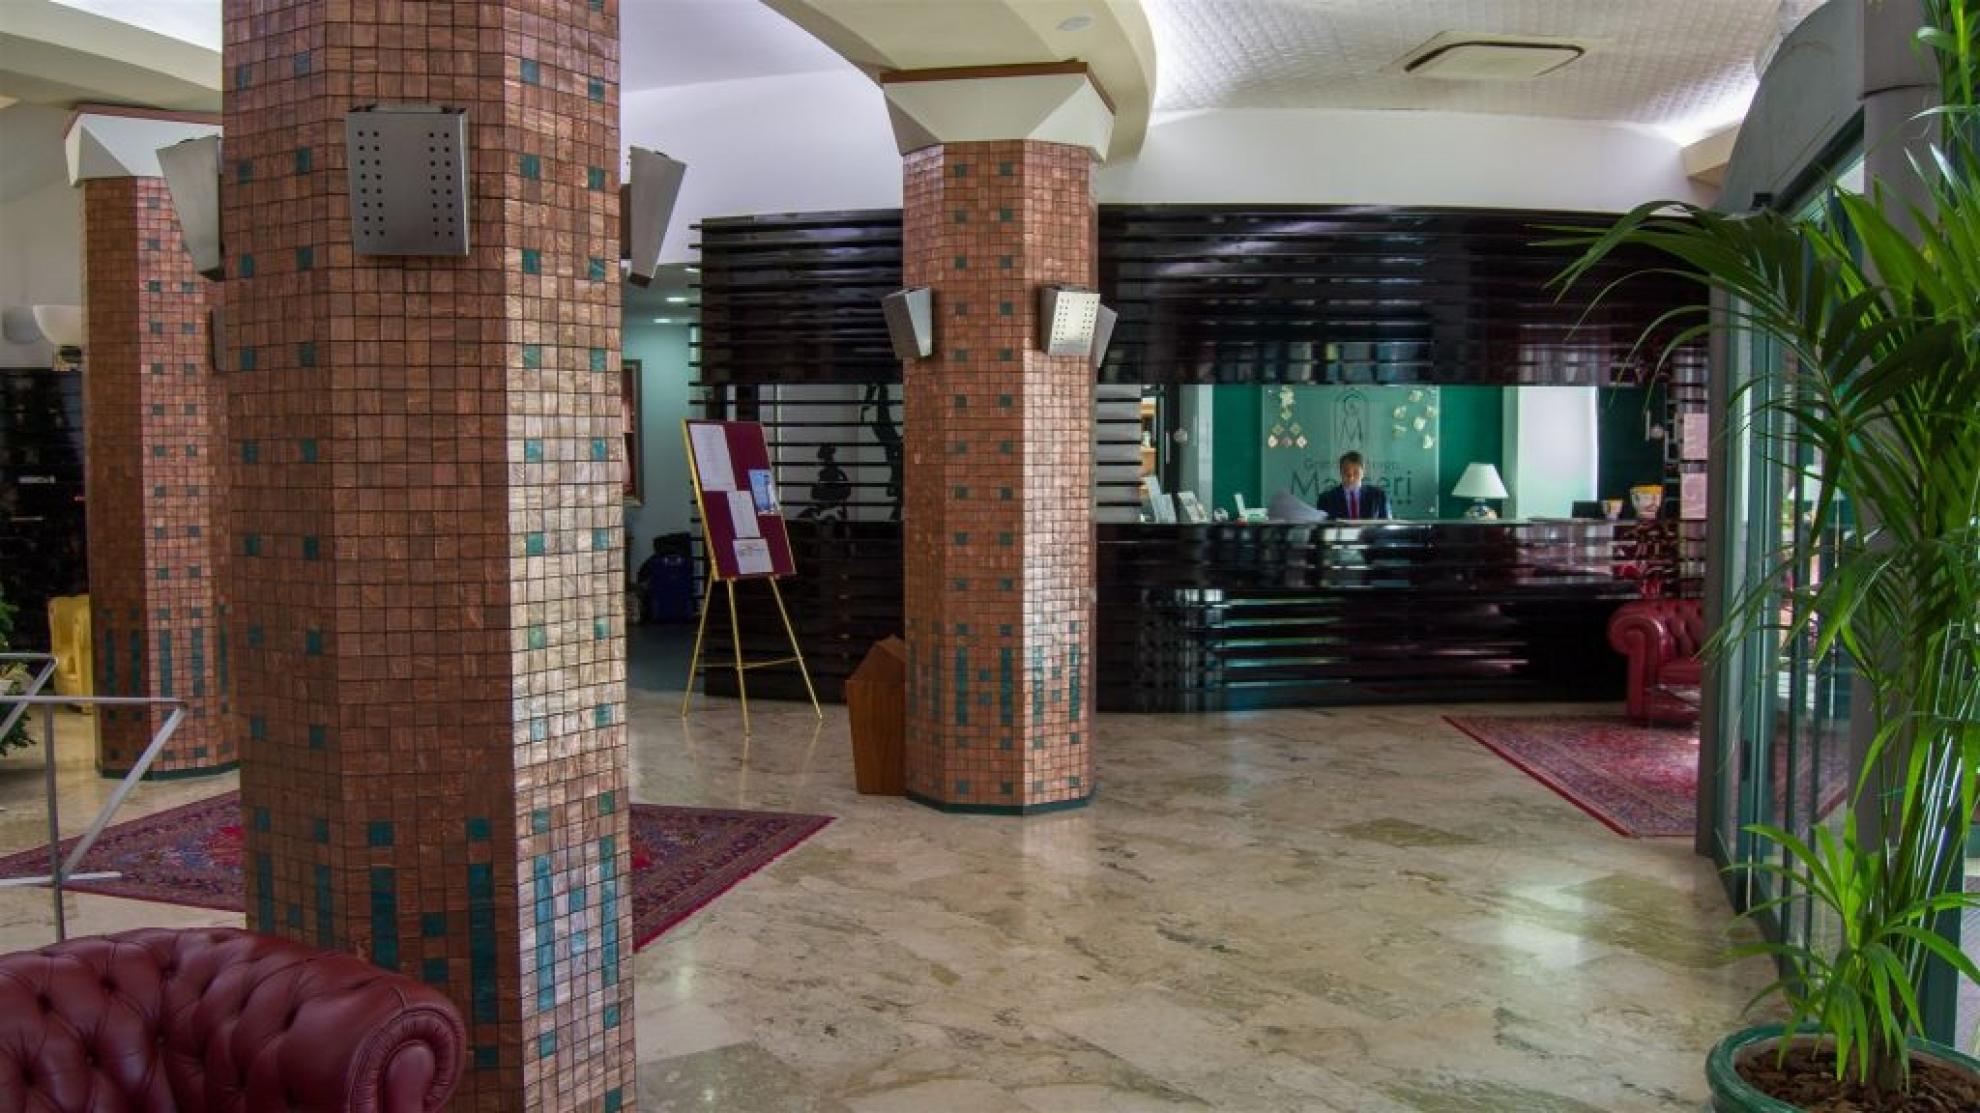 Hotel Maugeri - Hotel Ristorante, Acireale